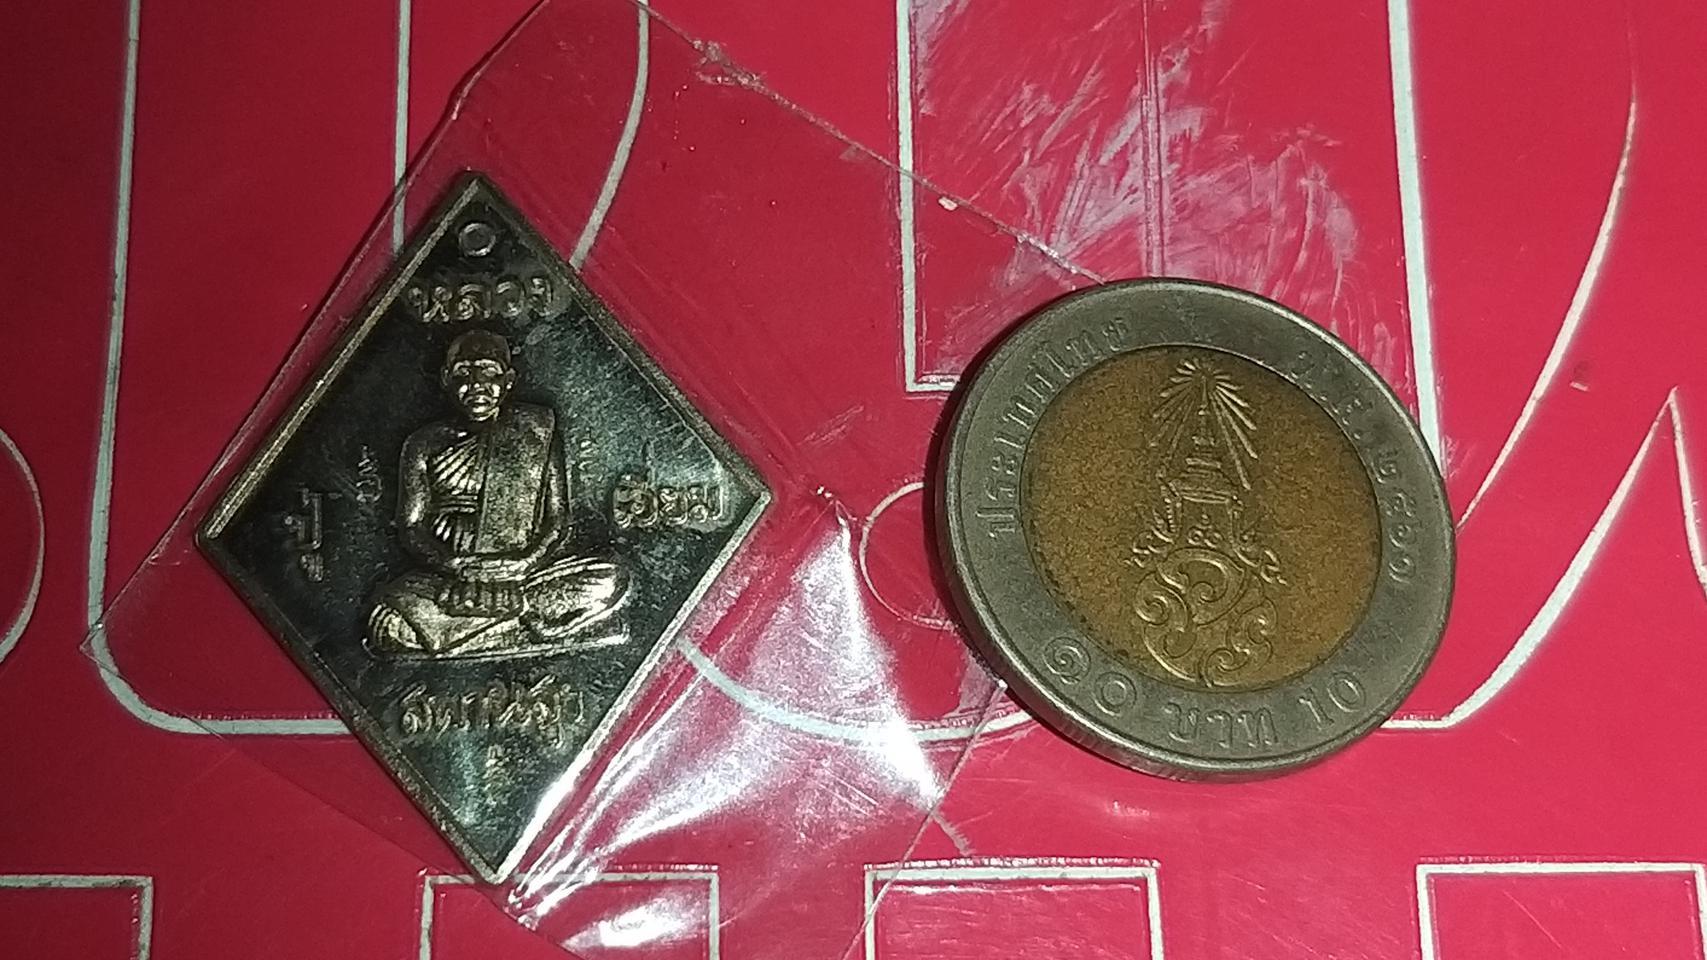 เหรียญข้าวหลามตัด หลวงปู่เอี่ยม หลวงพ่อรวย วัดตะโก รูปที่ 1